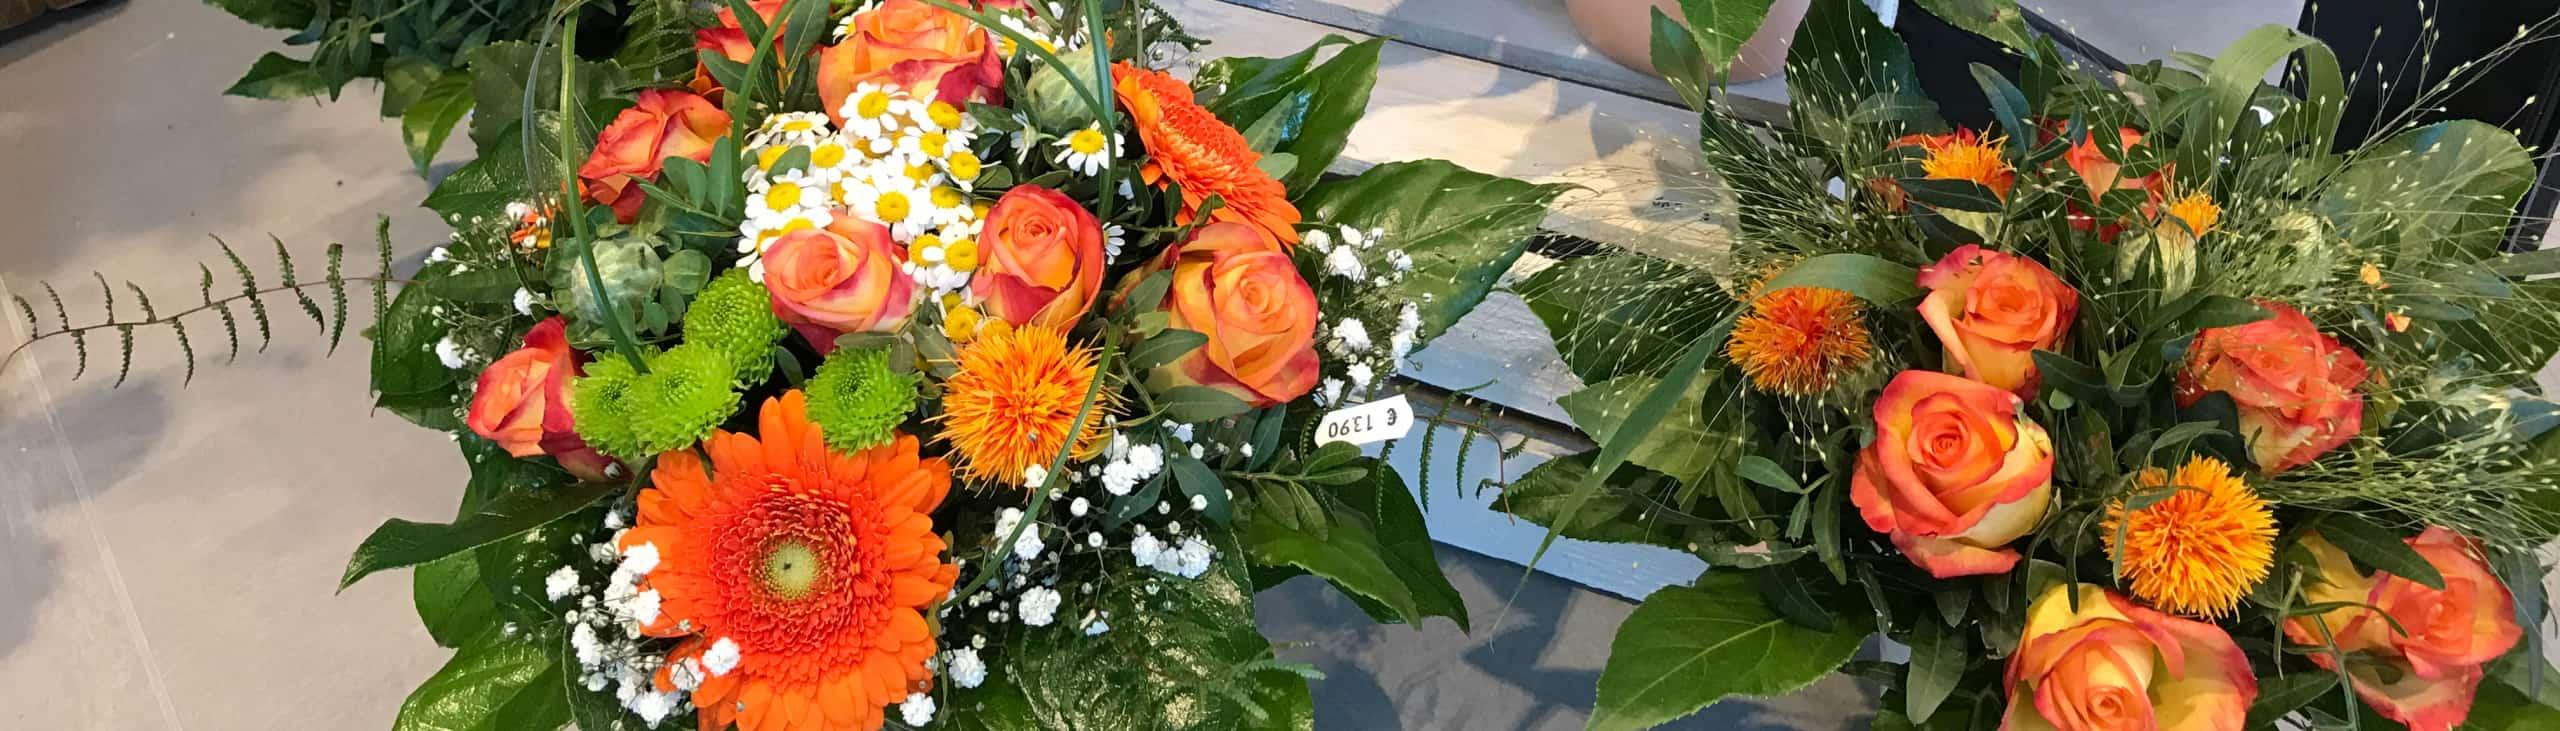 Fünf verschieden gebundene Blumensträuße in orange Tönen